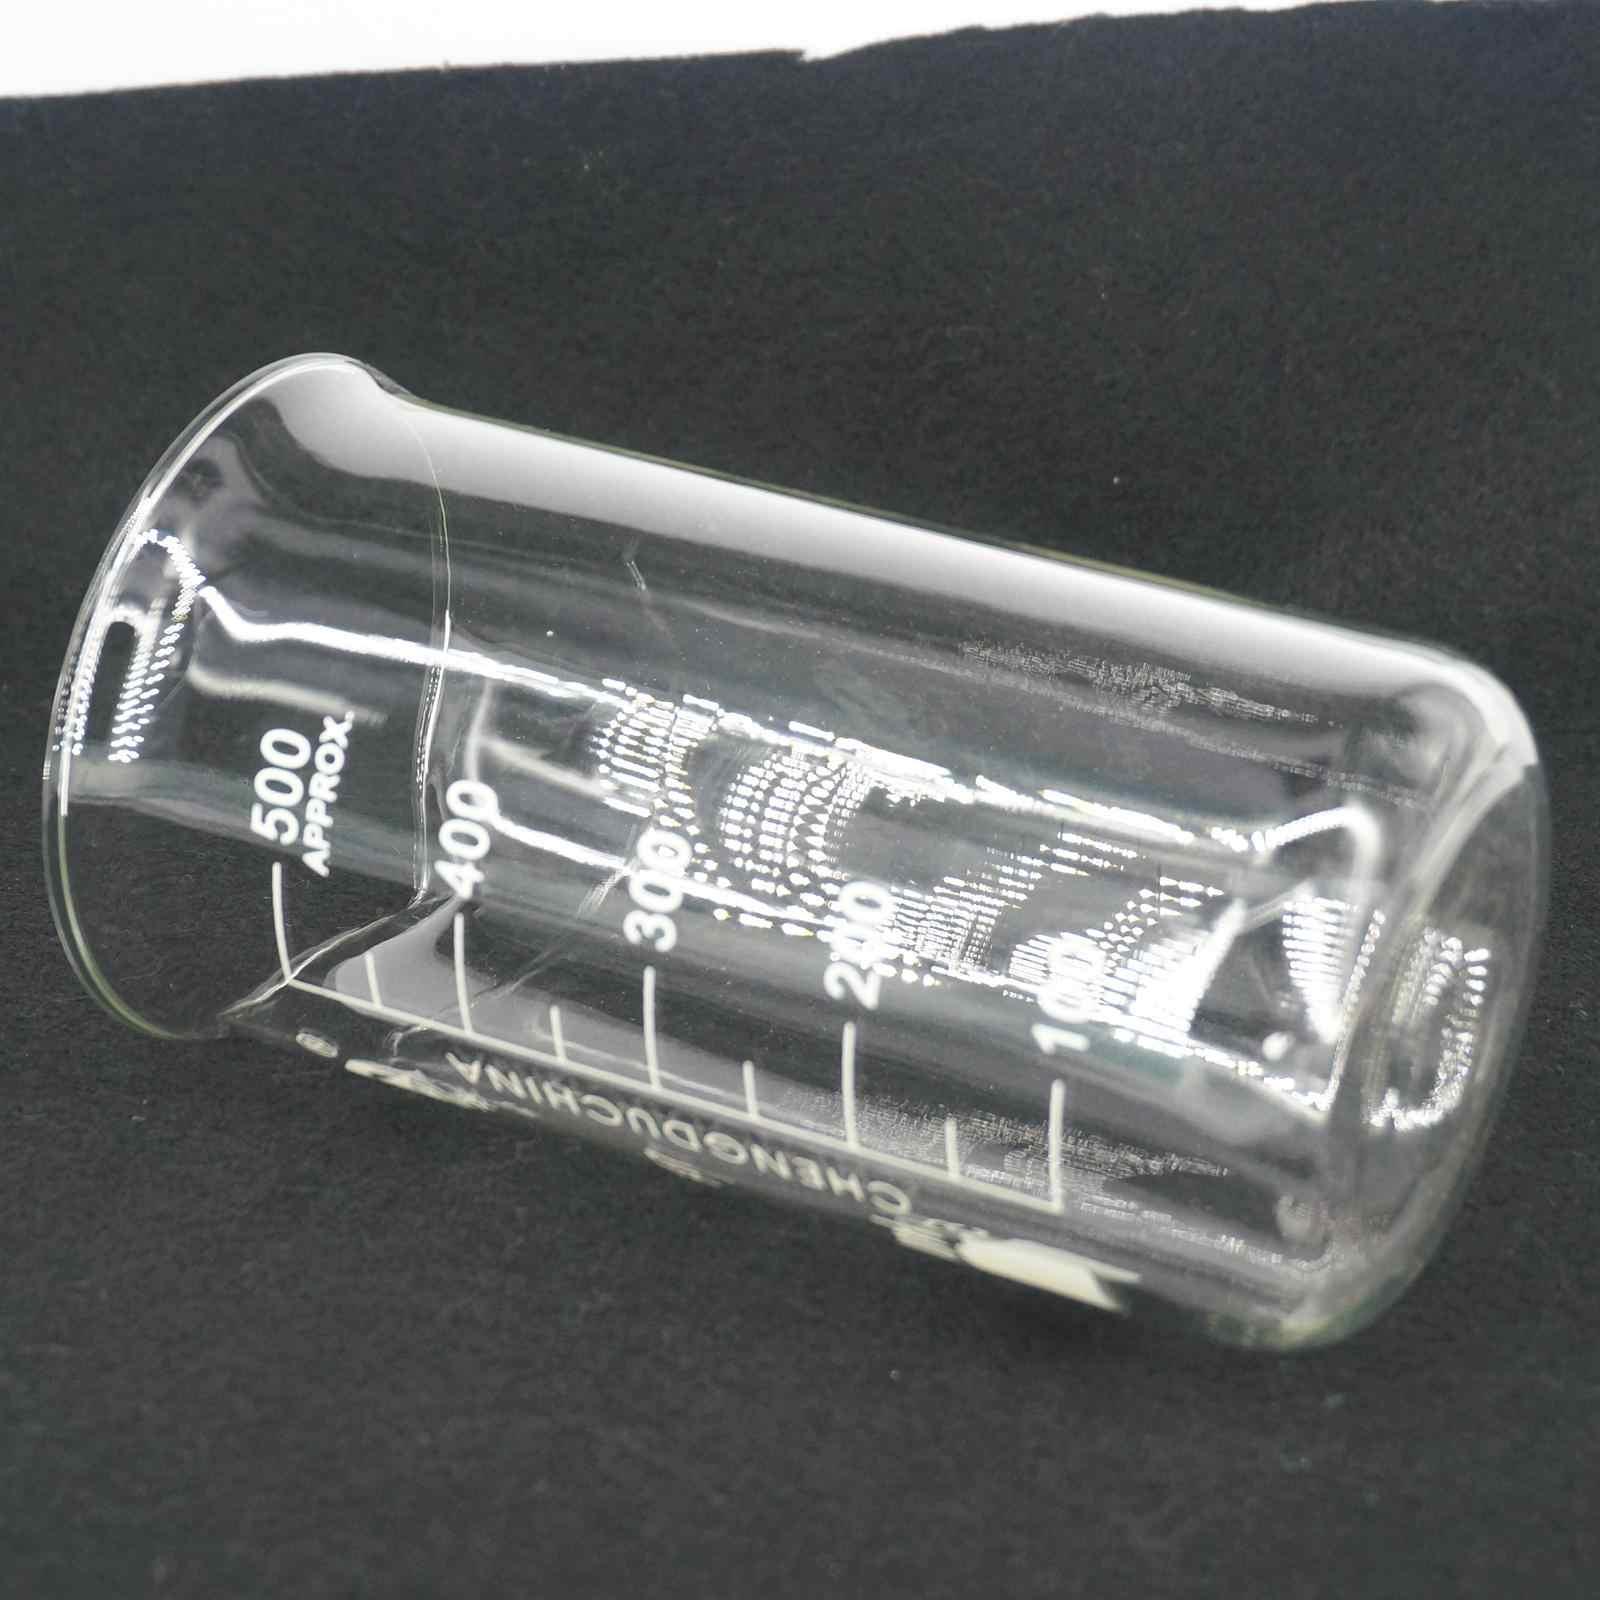 500 мл высокий шейкер химический лабораторный боросиликатный стеклянный прозрачный шейкер утолщенный с носиком